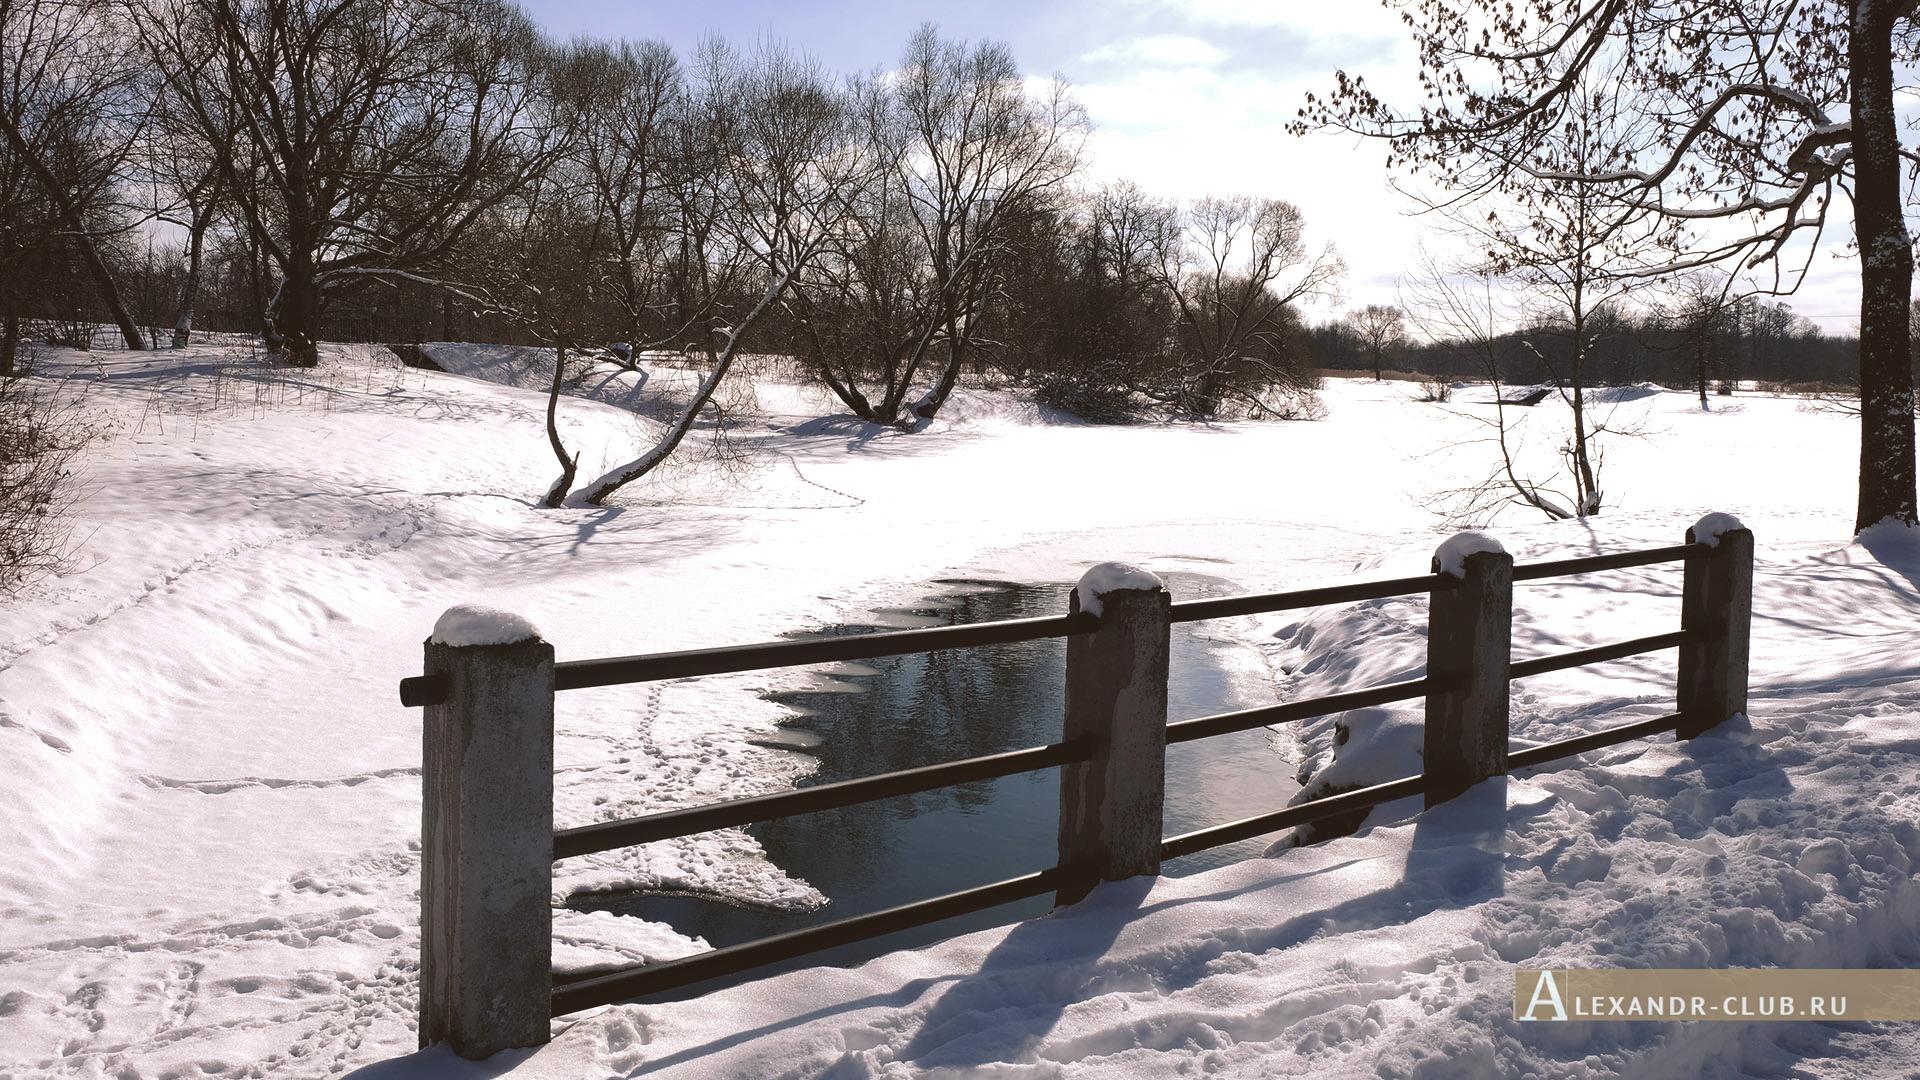 Петергоф, Луговой парк, зима, Орлинский пруд – 1